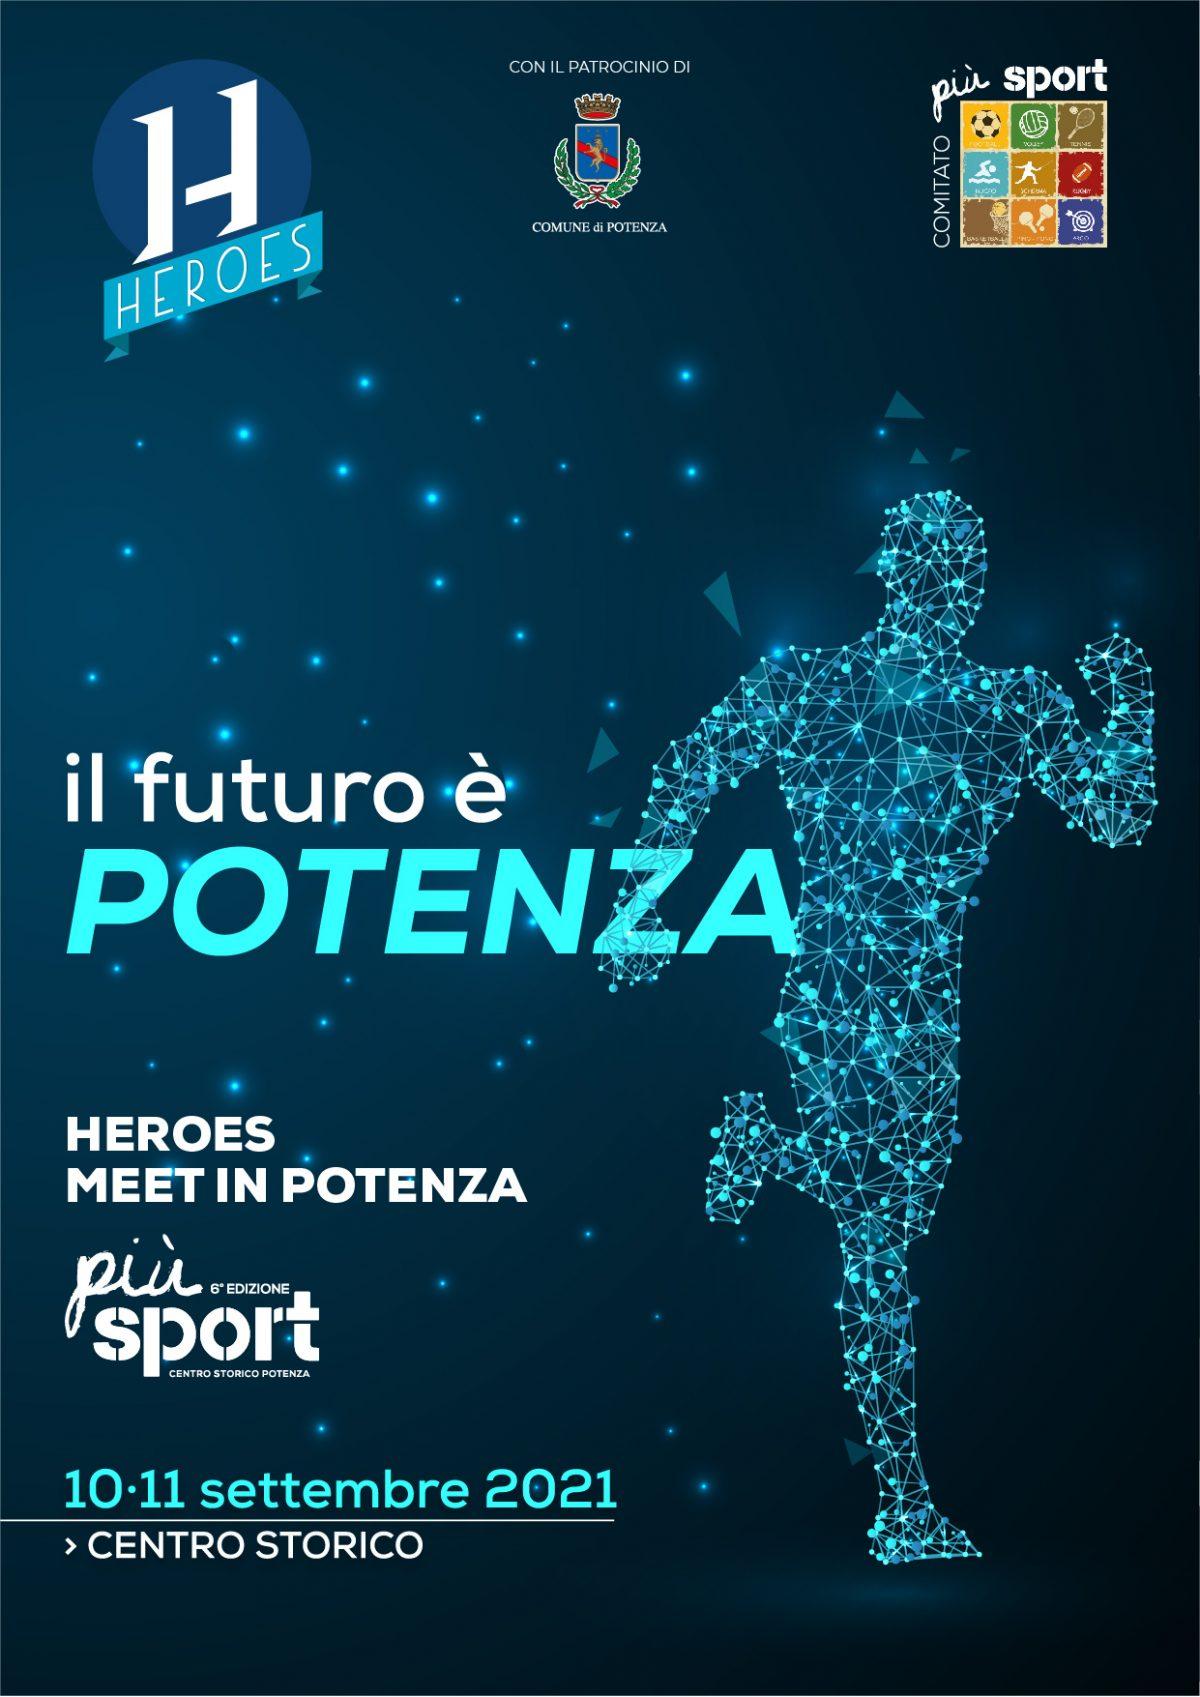 Heroes, meet in Potenza